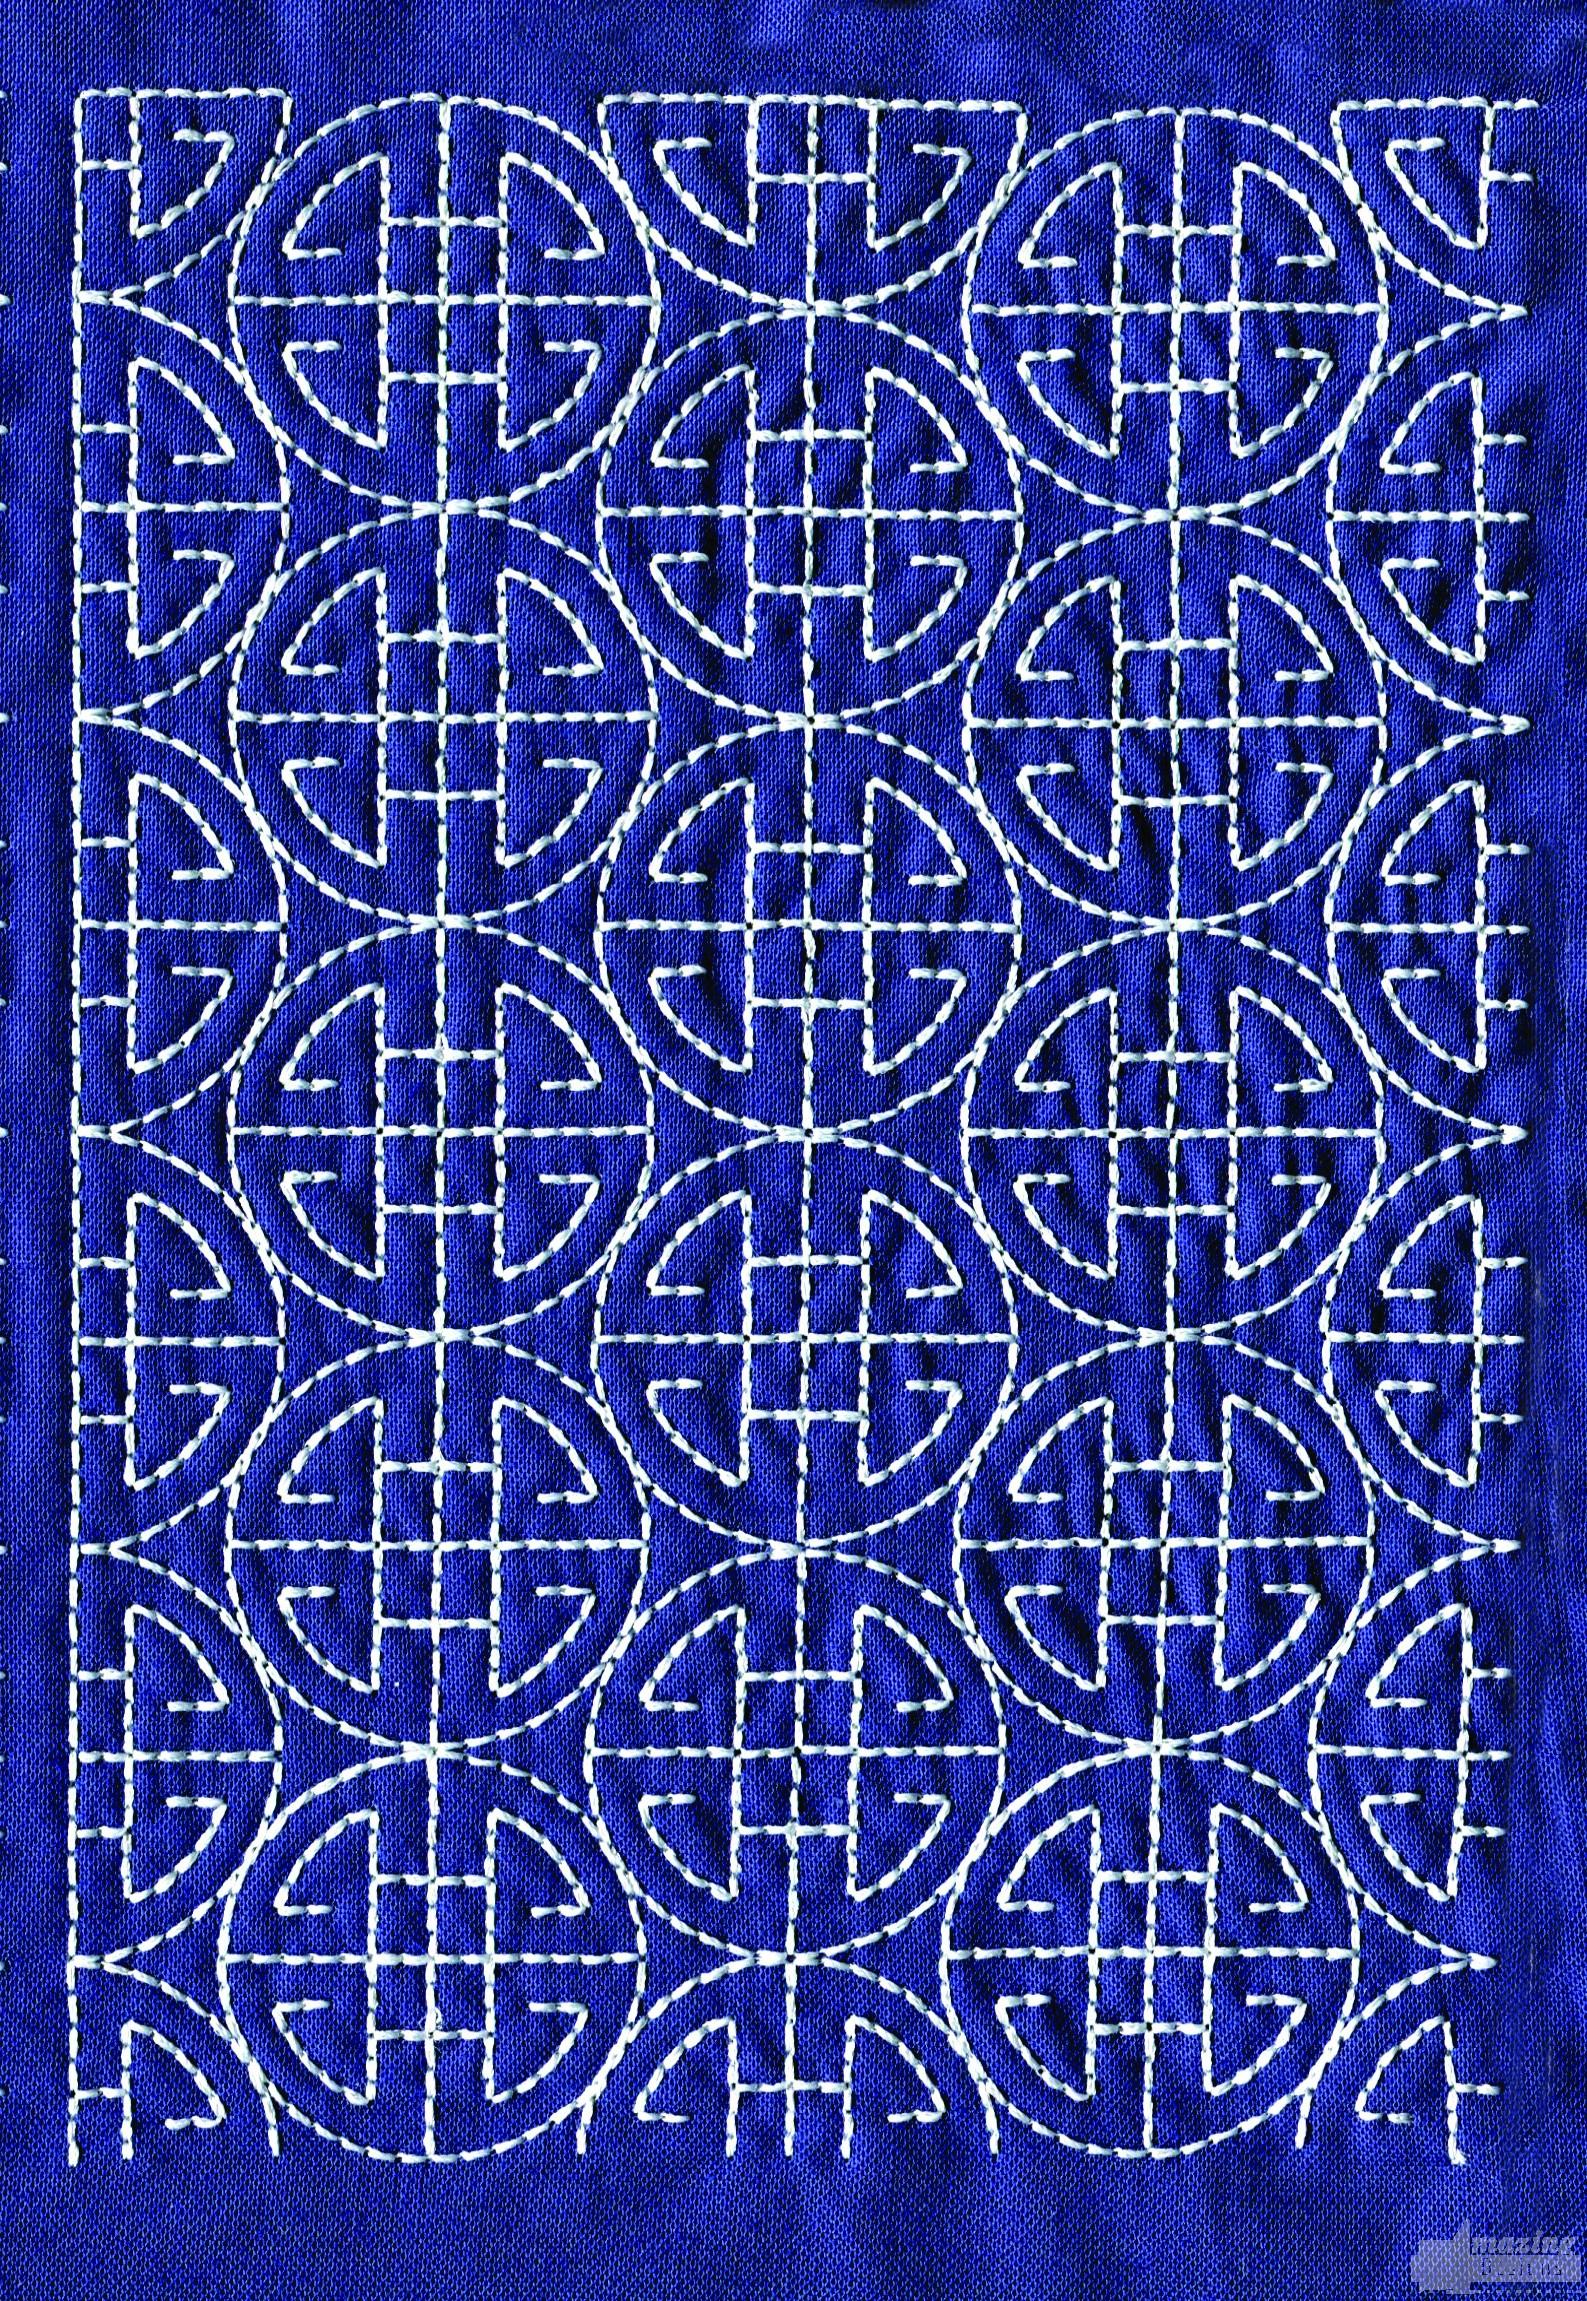 Sashiko quilt embroidery design 5 Designs com